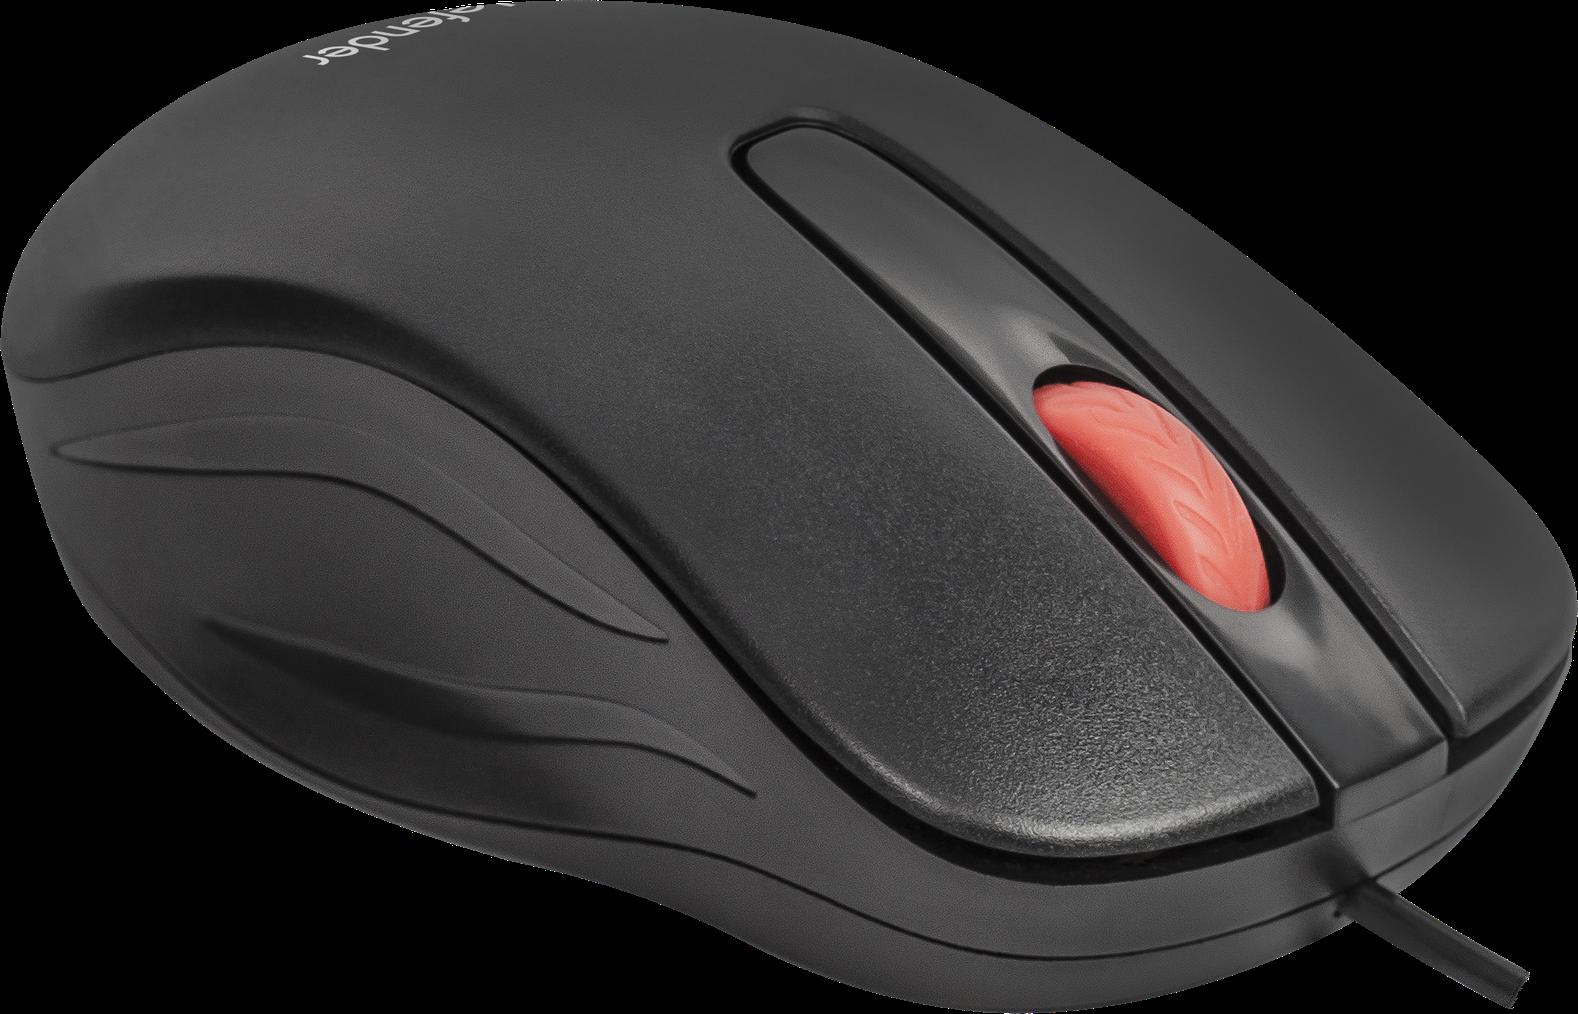 цена на Мышь Defender Point MM-756 Black USB проводная, оптическая, 1000 dpi, 2 кнопки + колесо